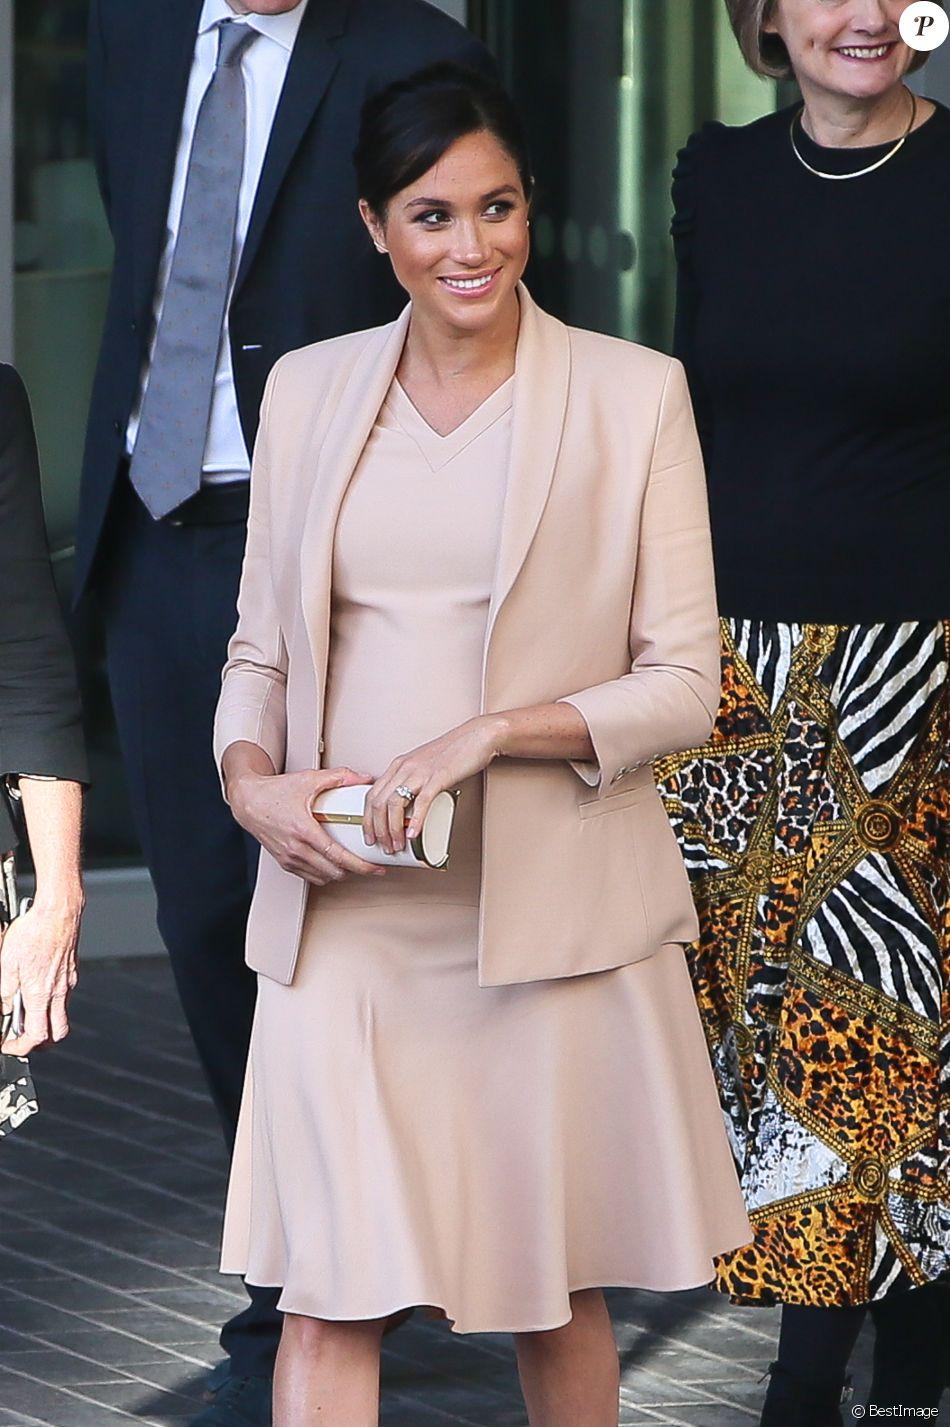 Meghan Markle (enceinte), duchesse de Sussex, à la sortie du National Theatre à Londres. Le 30 janvier 2019.